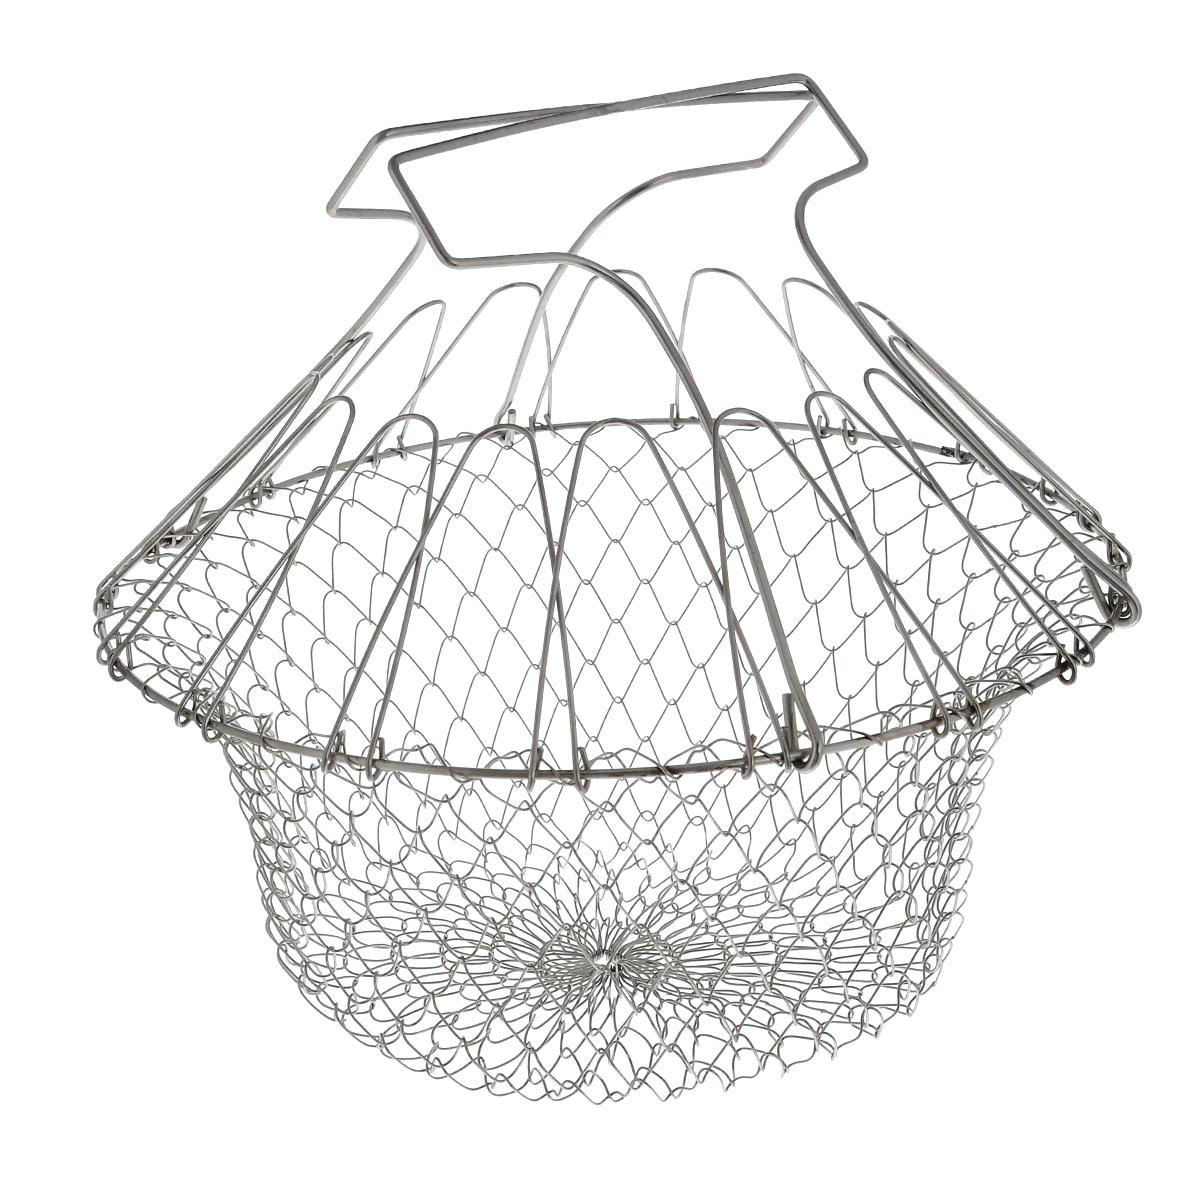 Решетка для приготовления пищи Bradex Chef Basket, складнаяTK 0143Решетка Bradex Chef Basket изготовлена из высококачественной нержавеющей стали. Это совершенно удивительное устройство со множеством функций заменит собой пароварку, жаровню, дуршлаг и прочую кухонную утварь значительного размера. Форма для варки и жарки - с поднятыми ручками решетка позволяет вам сложить в нее ингредиенты, и варить прямо в кастрюле. Идеальный вариант для варки яиц, макарон, пельменей и других продуктов. После окончания варки вы просто вынимаете решетку из кастрюли, в которой и остается вся вода! Таким же образом вы сможете пожарить картофель фри или рыбу в кляре. Диаметр: 23 см. Размер (в собранном виде): 24 см х 22,5 см х 29 см. Размер (в разобранном виде): 23 см х 23 см х 2 см.